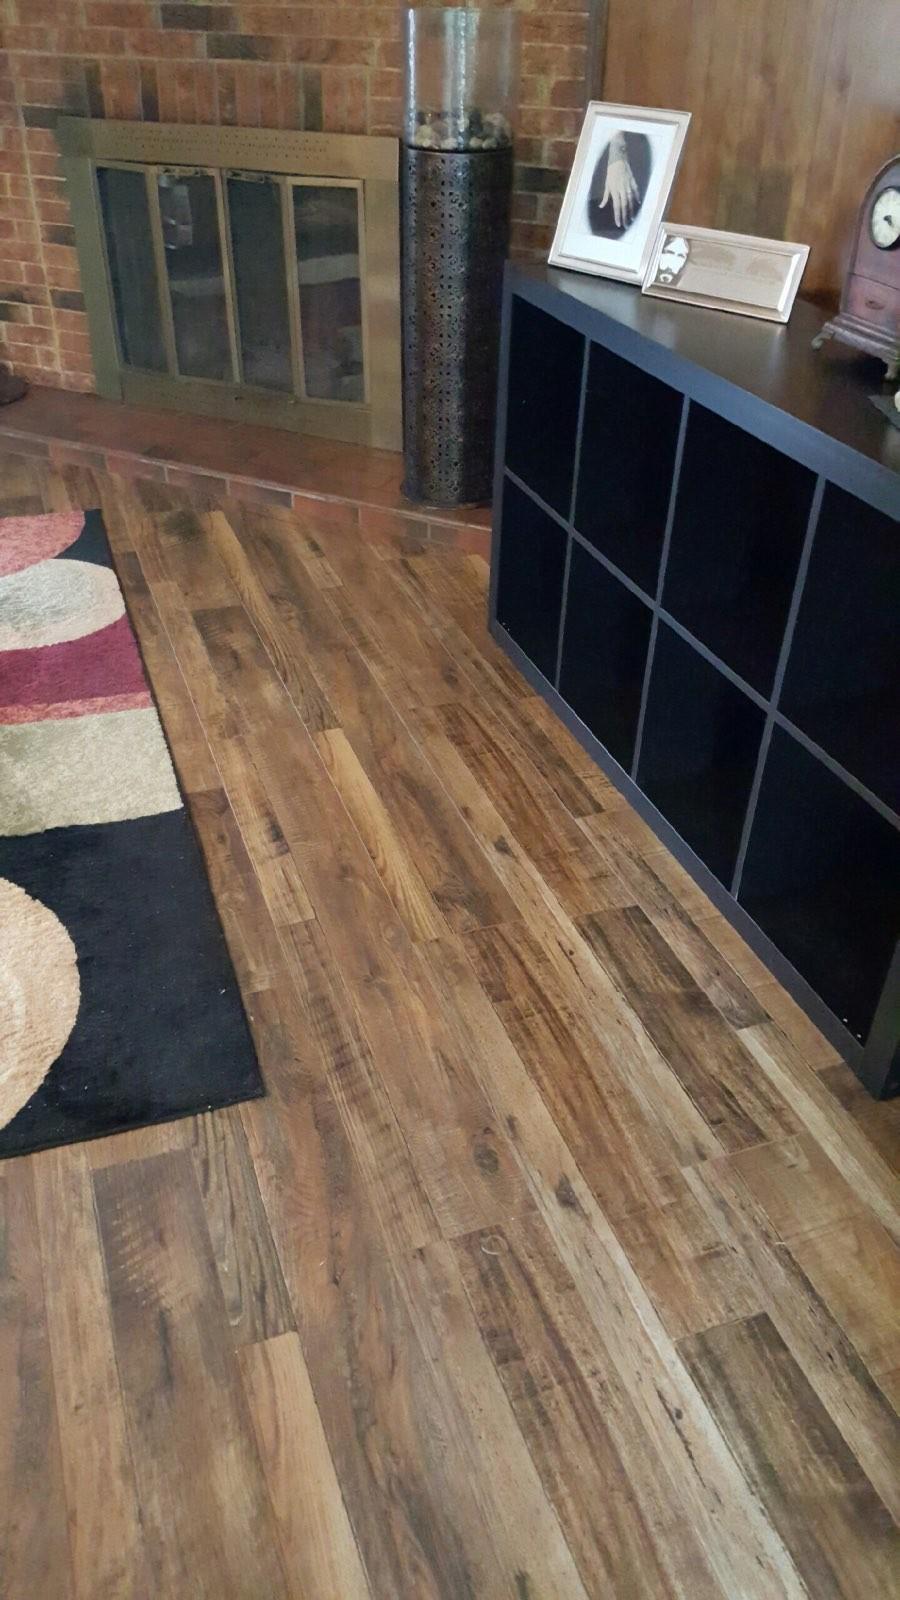 Carpet And Flooring Liquidators, Carpet And Flooring Liquidators Plano